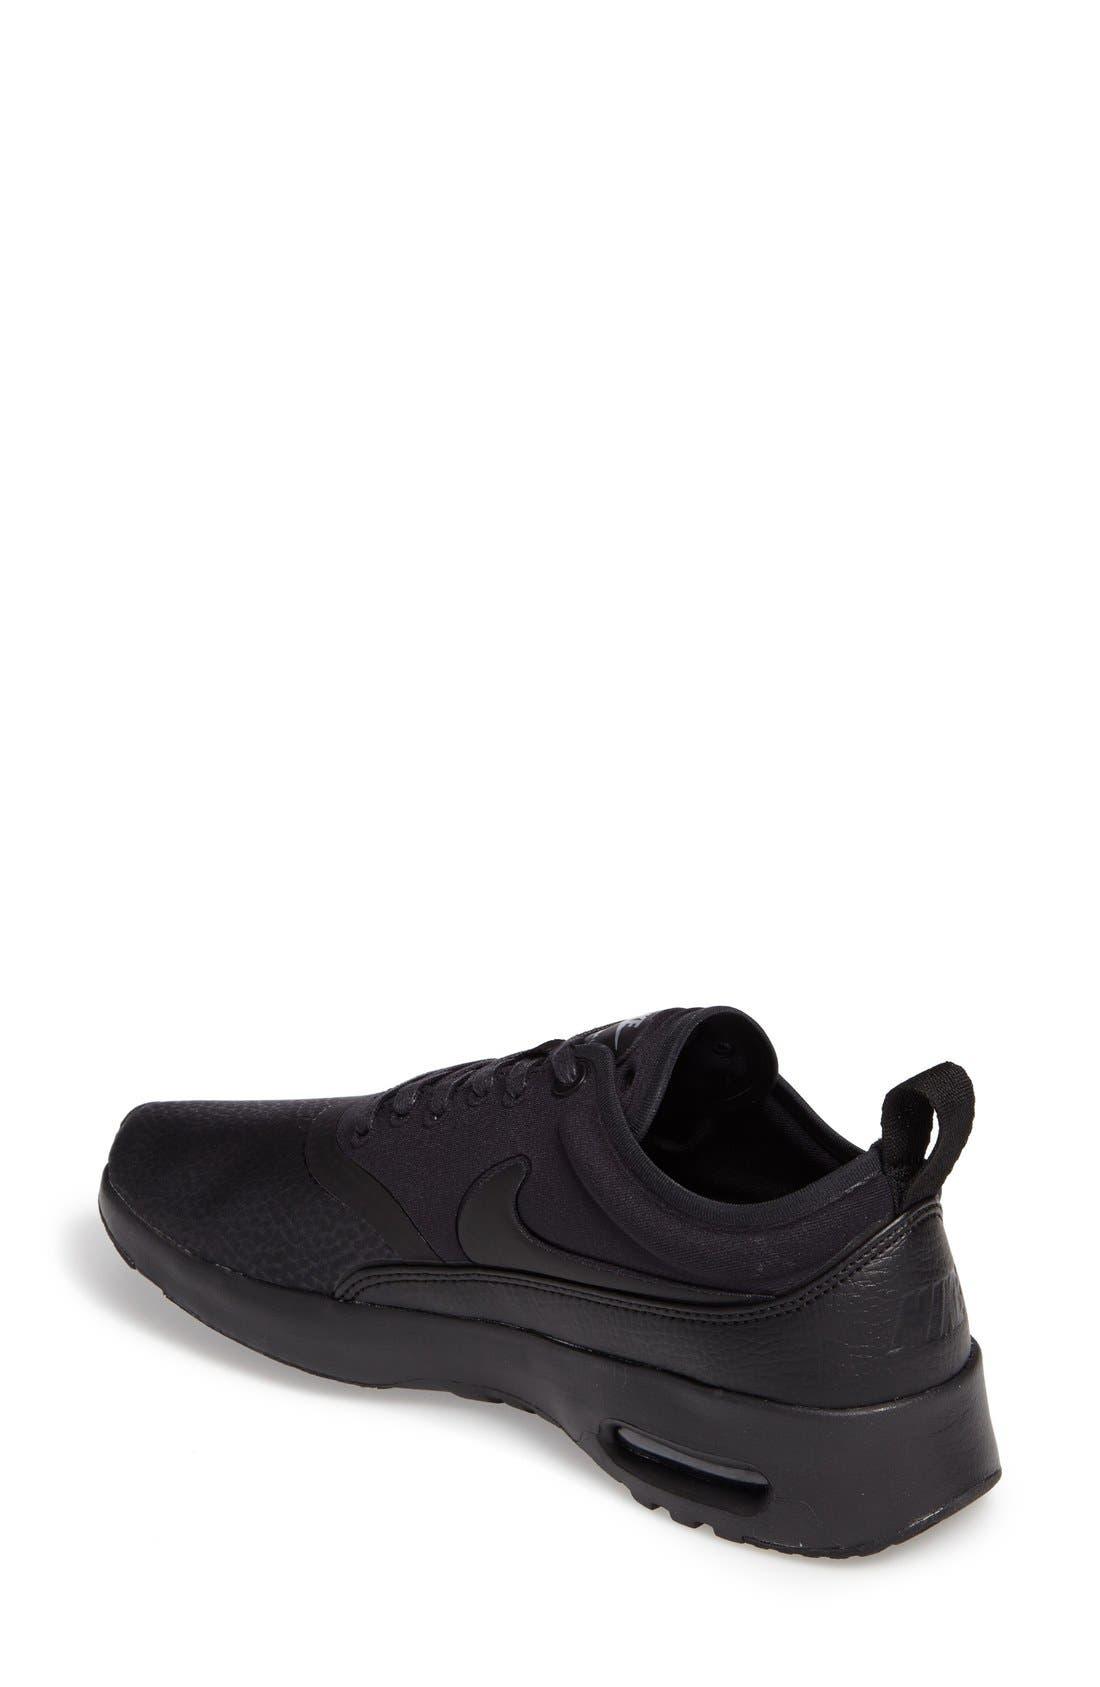 Alternate Image 2  - Nike Air Max Thea Ultra Premium Sneaker (Women)